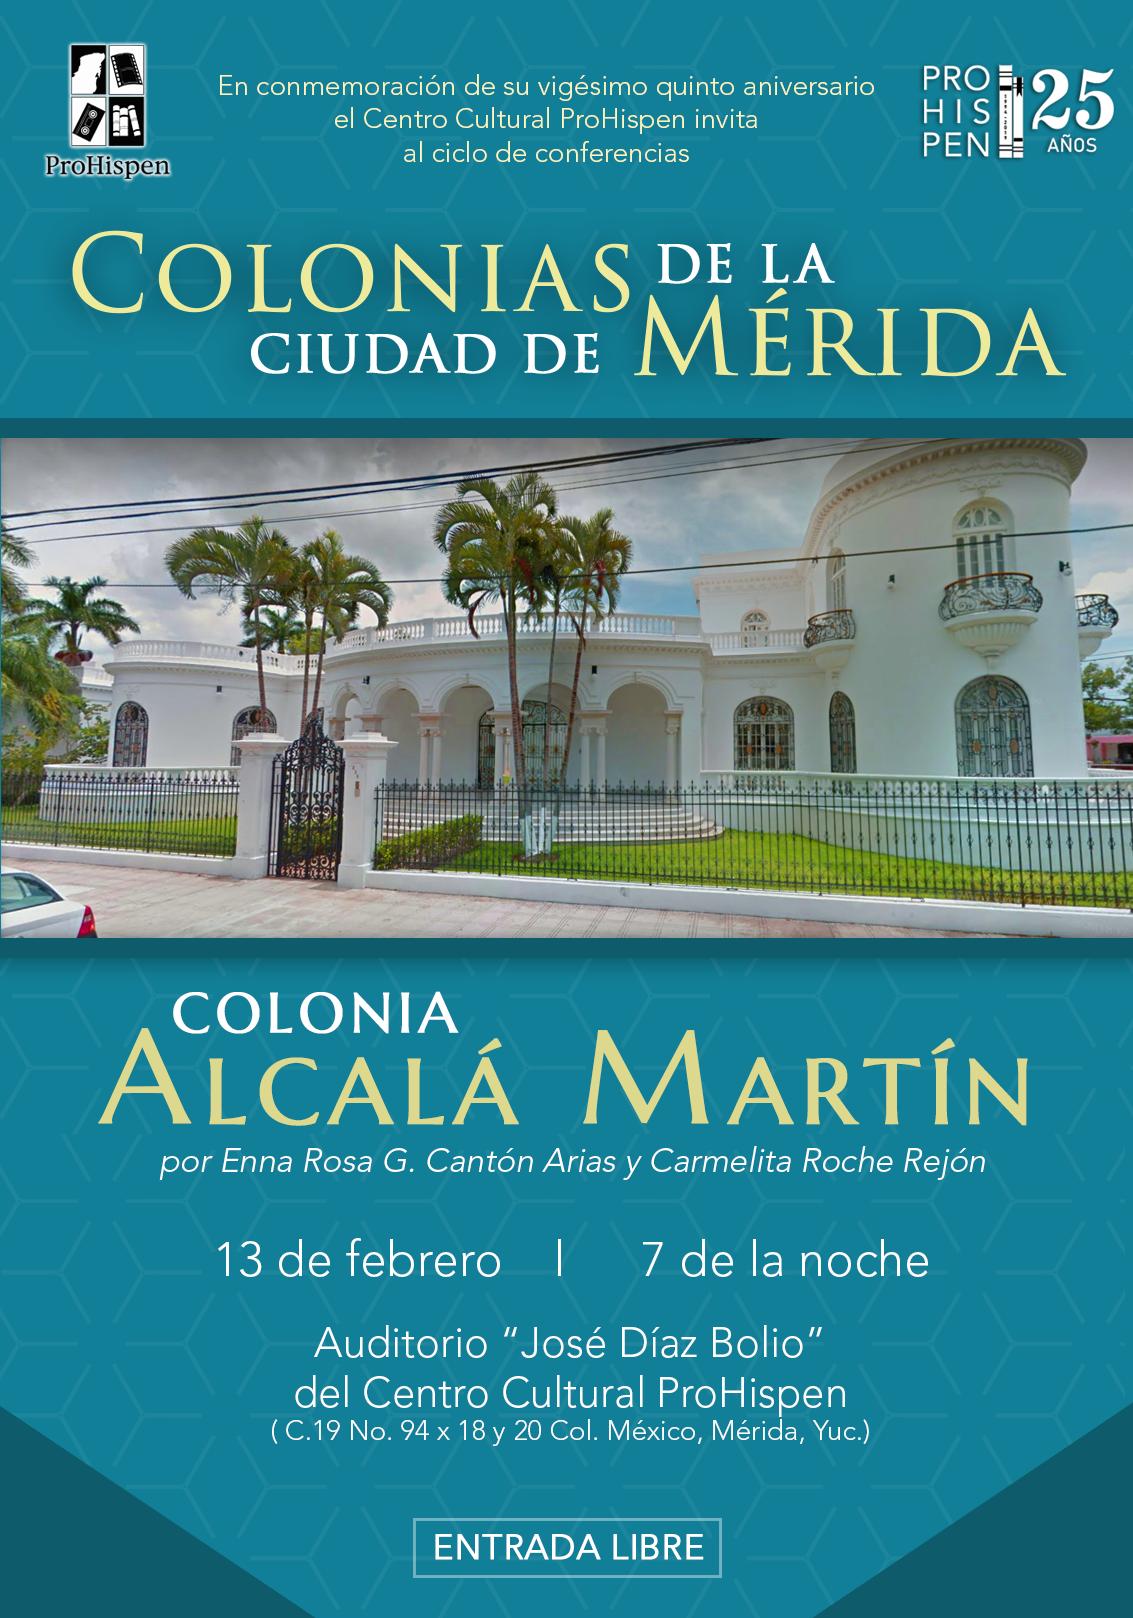 ColoniaAlcaláMartín